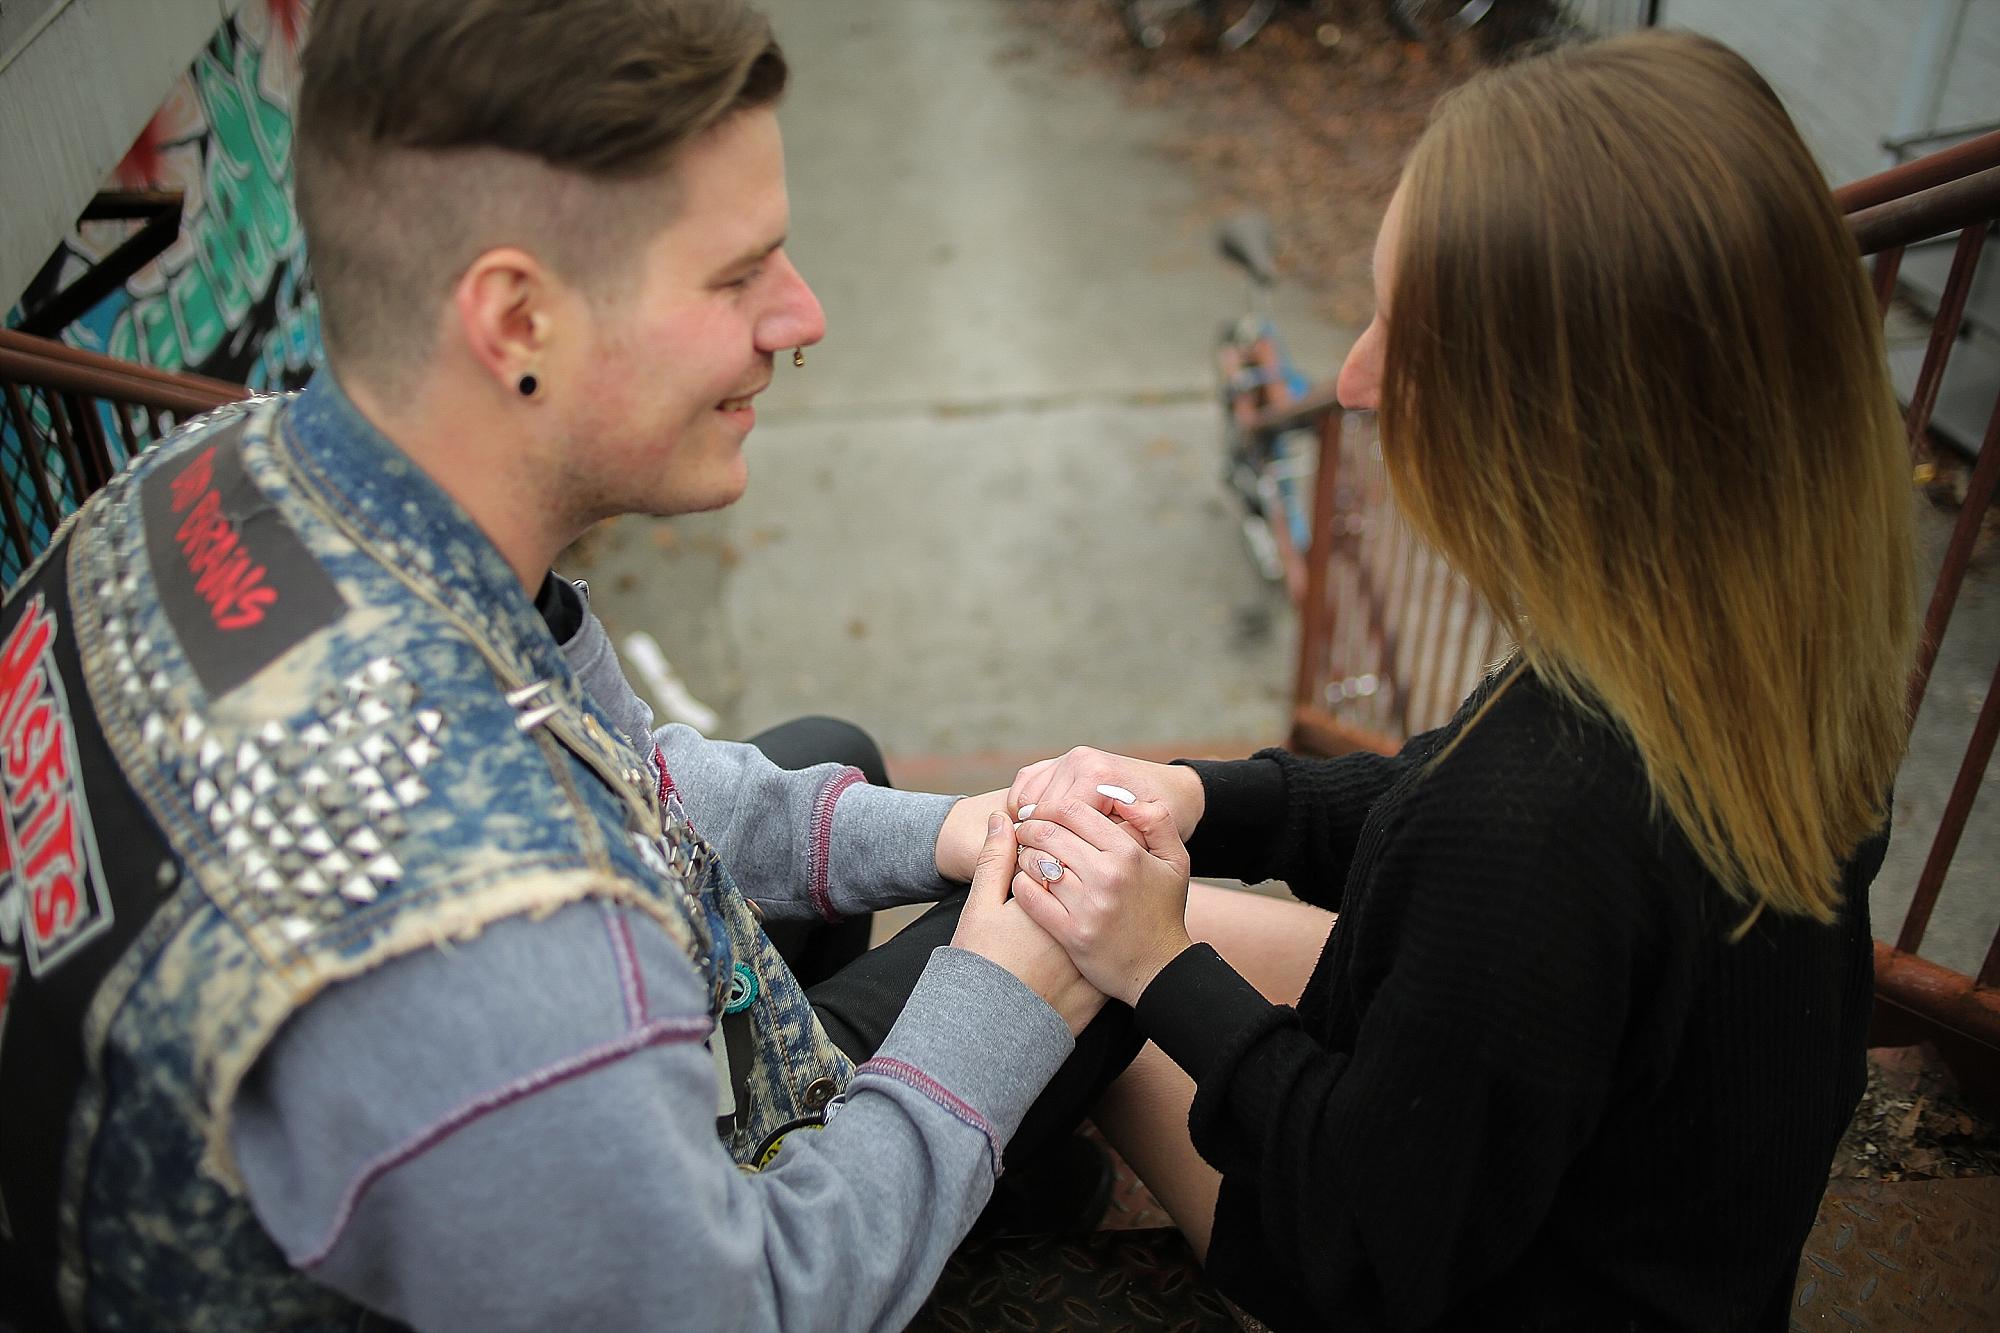 Lauren + Eli's Blacksburg, Virginia Tech Engagement Photos | Blacksburg, Virginia Wedding Photographer